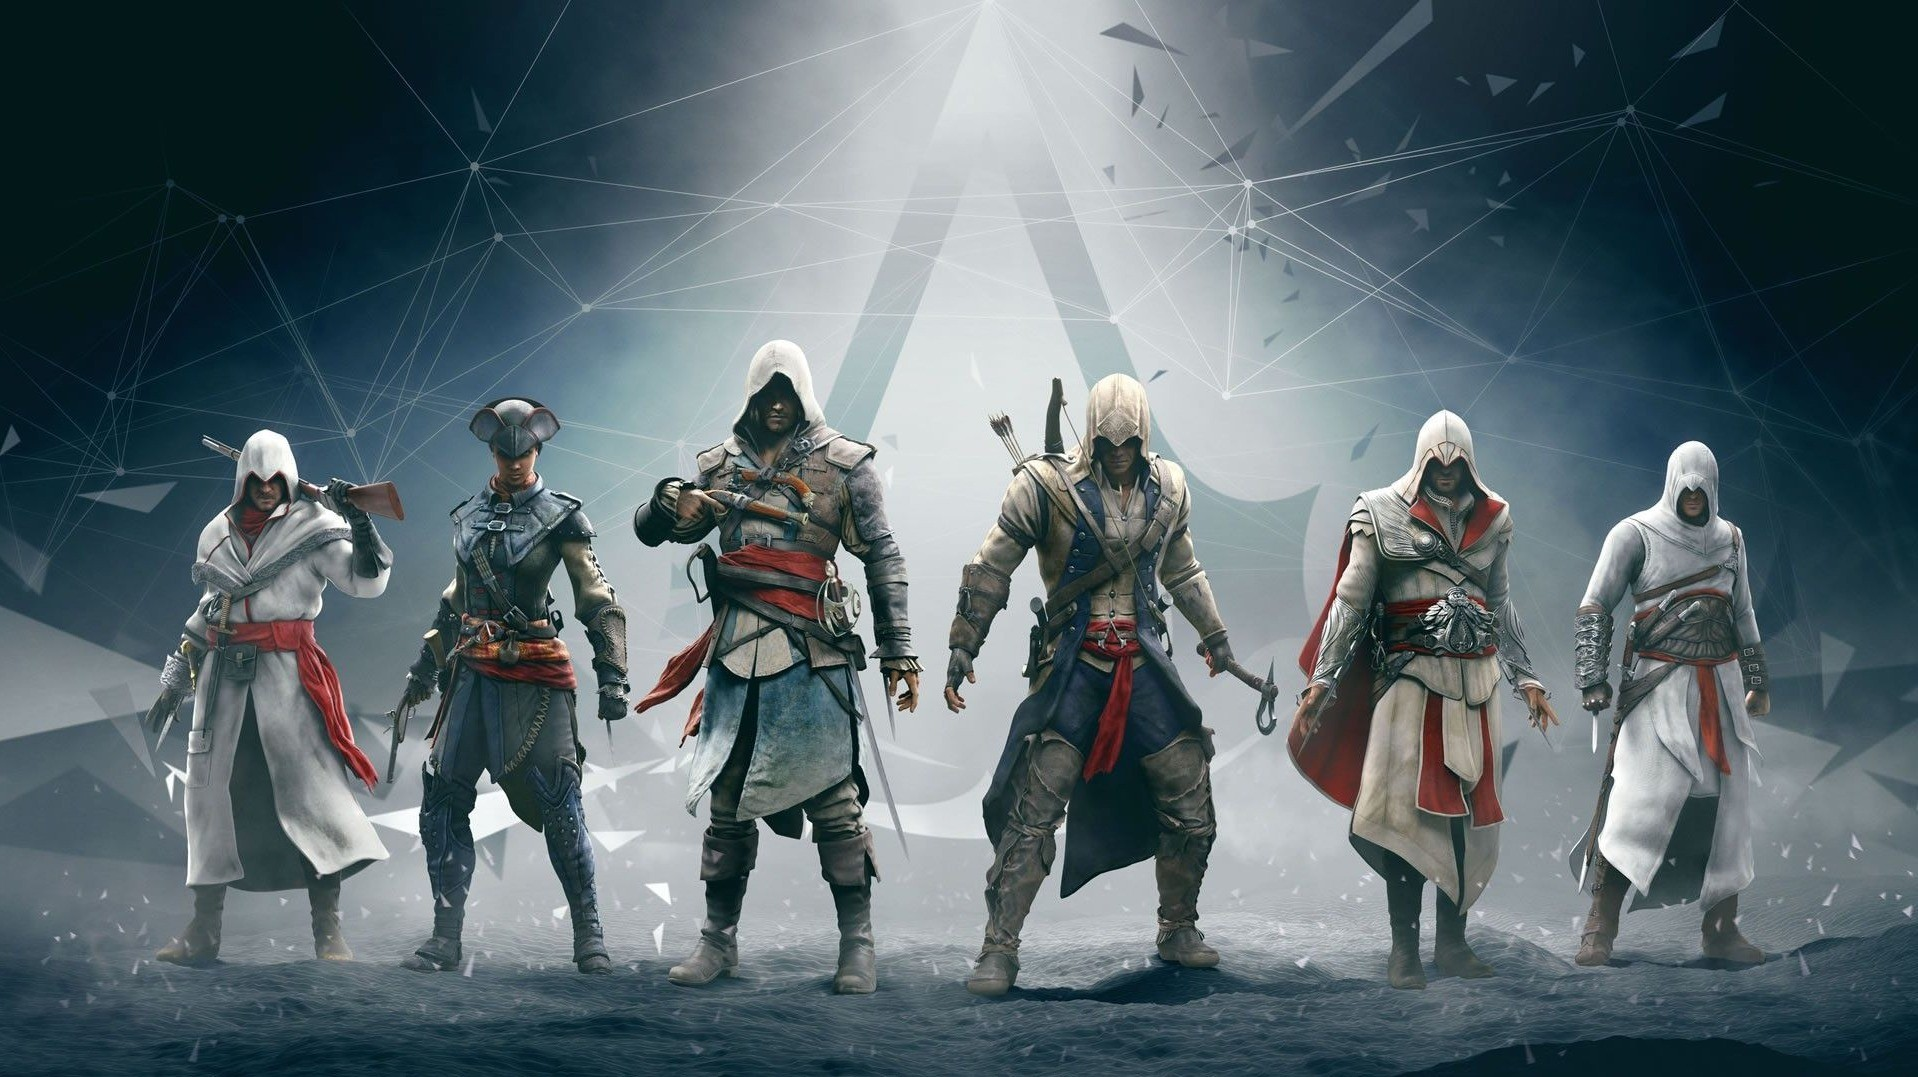 Сценарий для сериала Assassins Creed напишет автор Крепкого Орешка